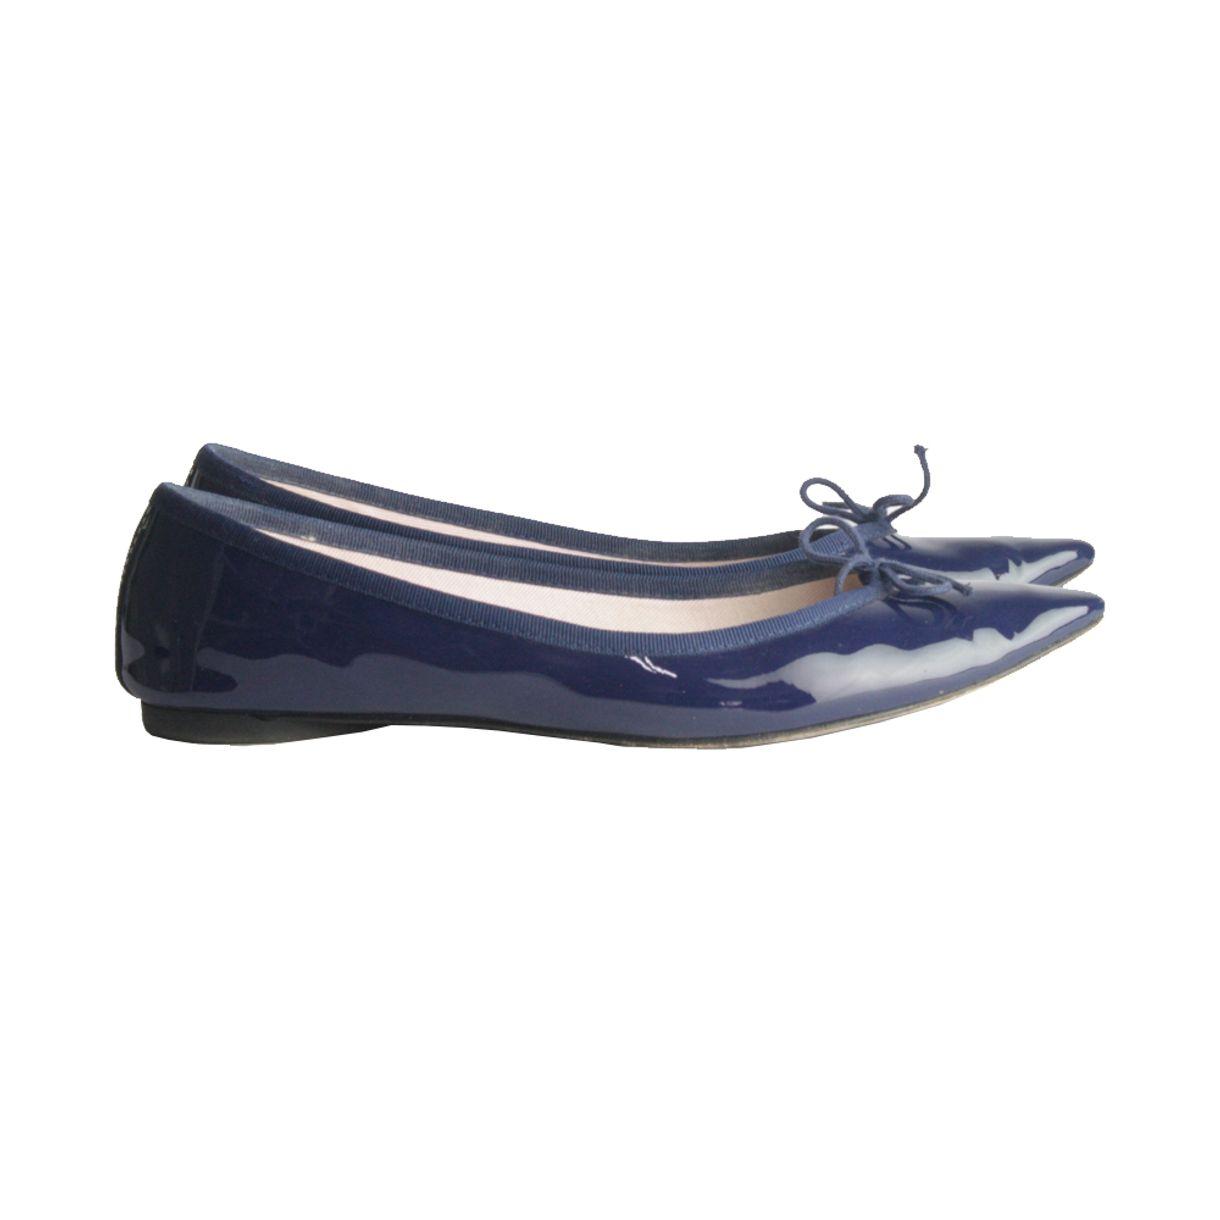 Sapatilha-Repetto-Bico-Fino-Verniz-Azul